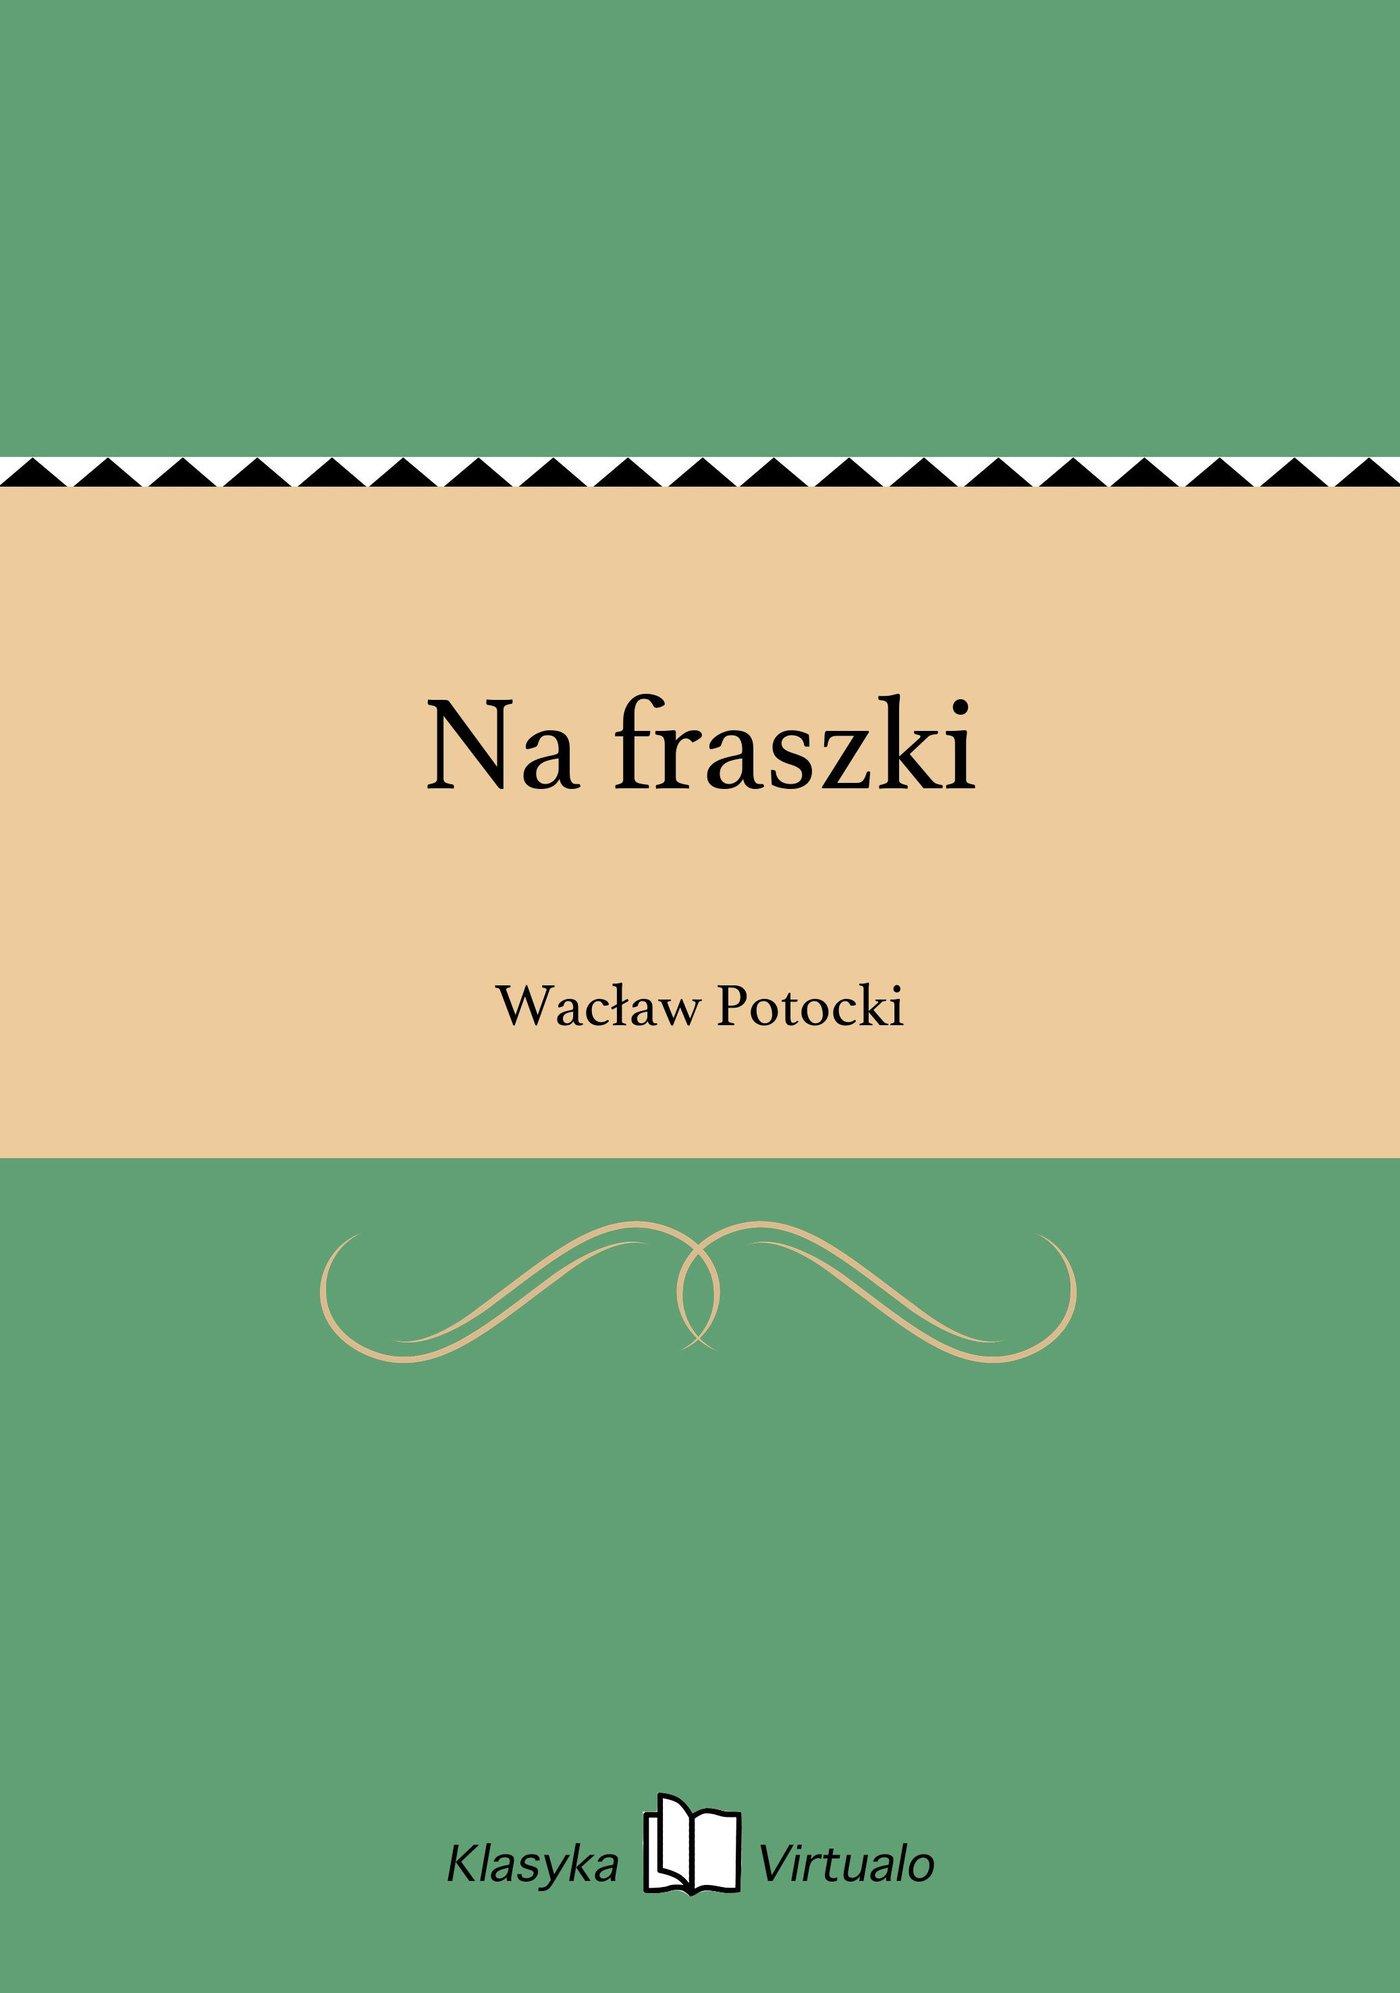 Na fraszki - Ebook (Książka EPUB) do pobrania w formacie EPUB